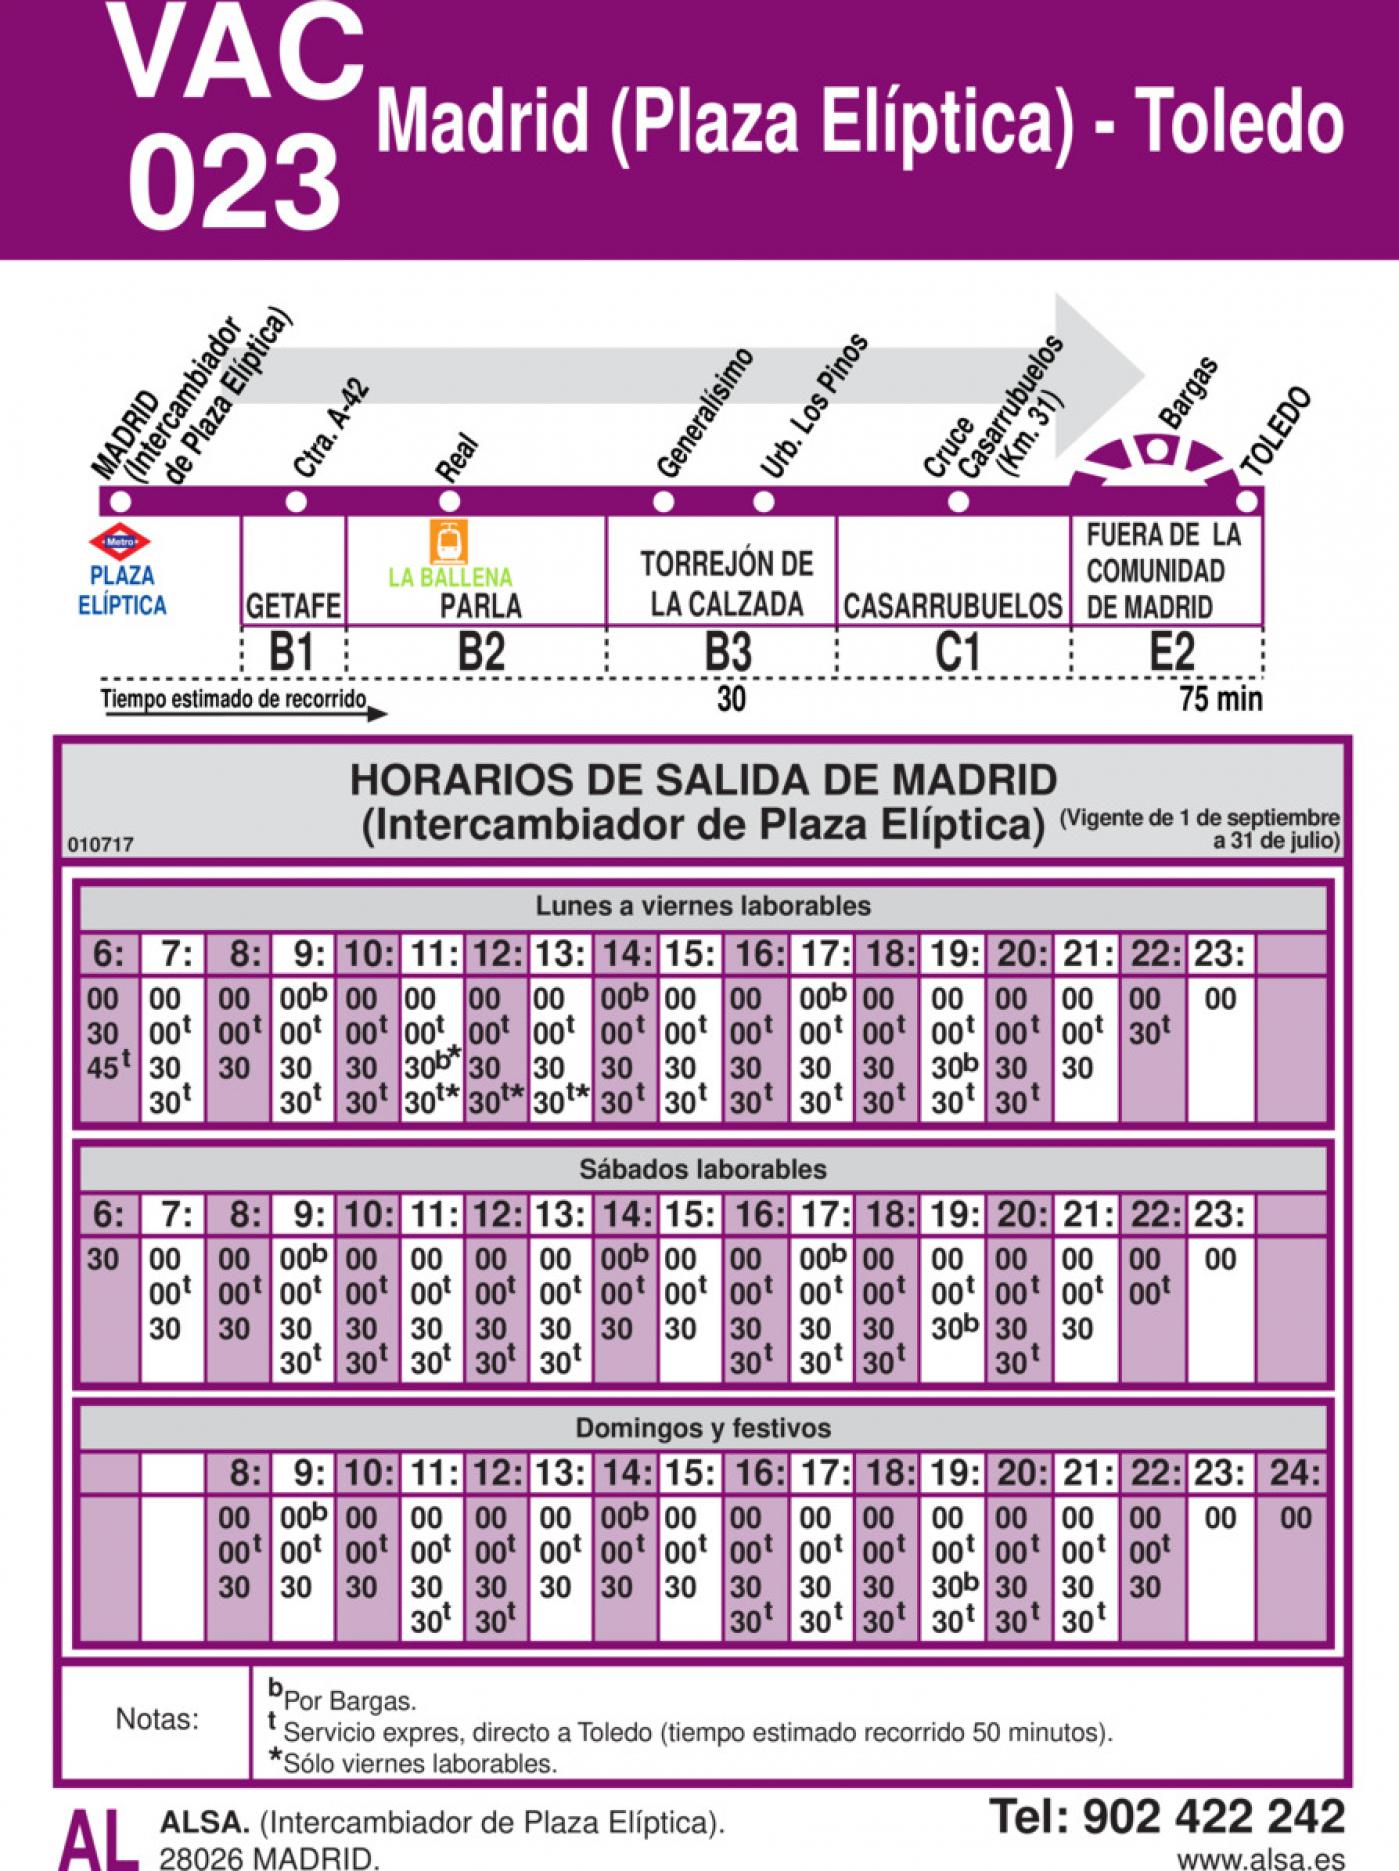 Tabla de horarios y frecuencias de paso en sentido ida Línea VAC-023: Madrid (Plaza Elíptica) - Toledo